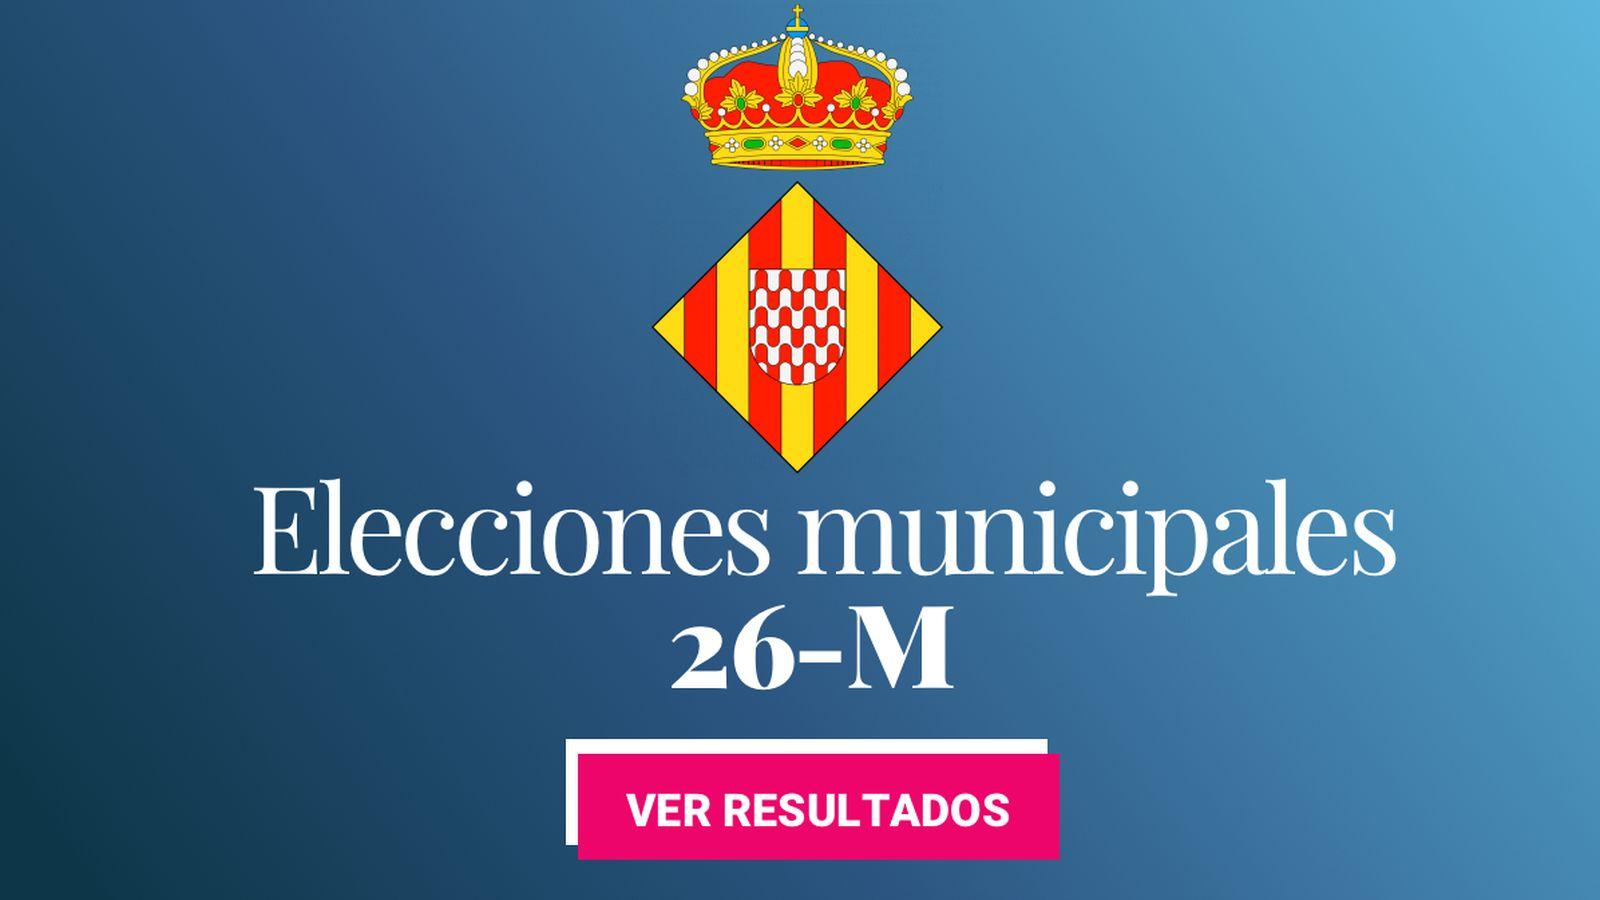 Foto: Elecciones municipales 2019 en Girona. (C.C./EC)